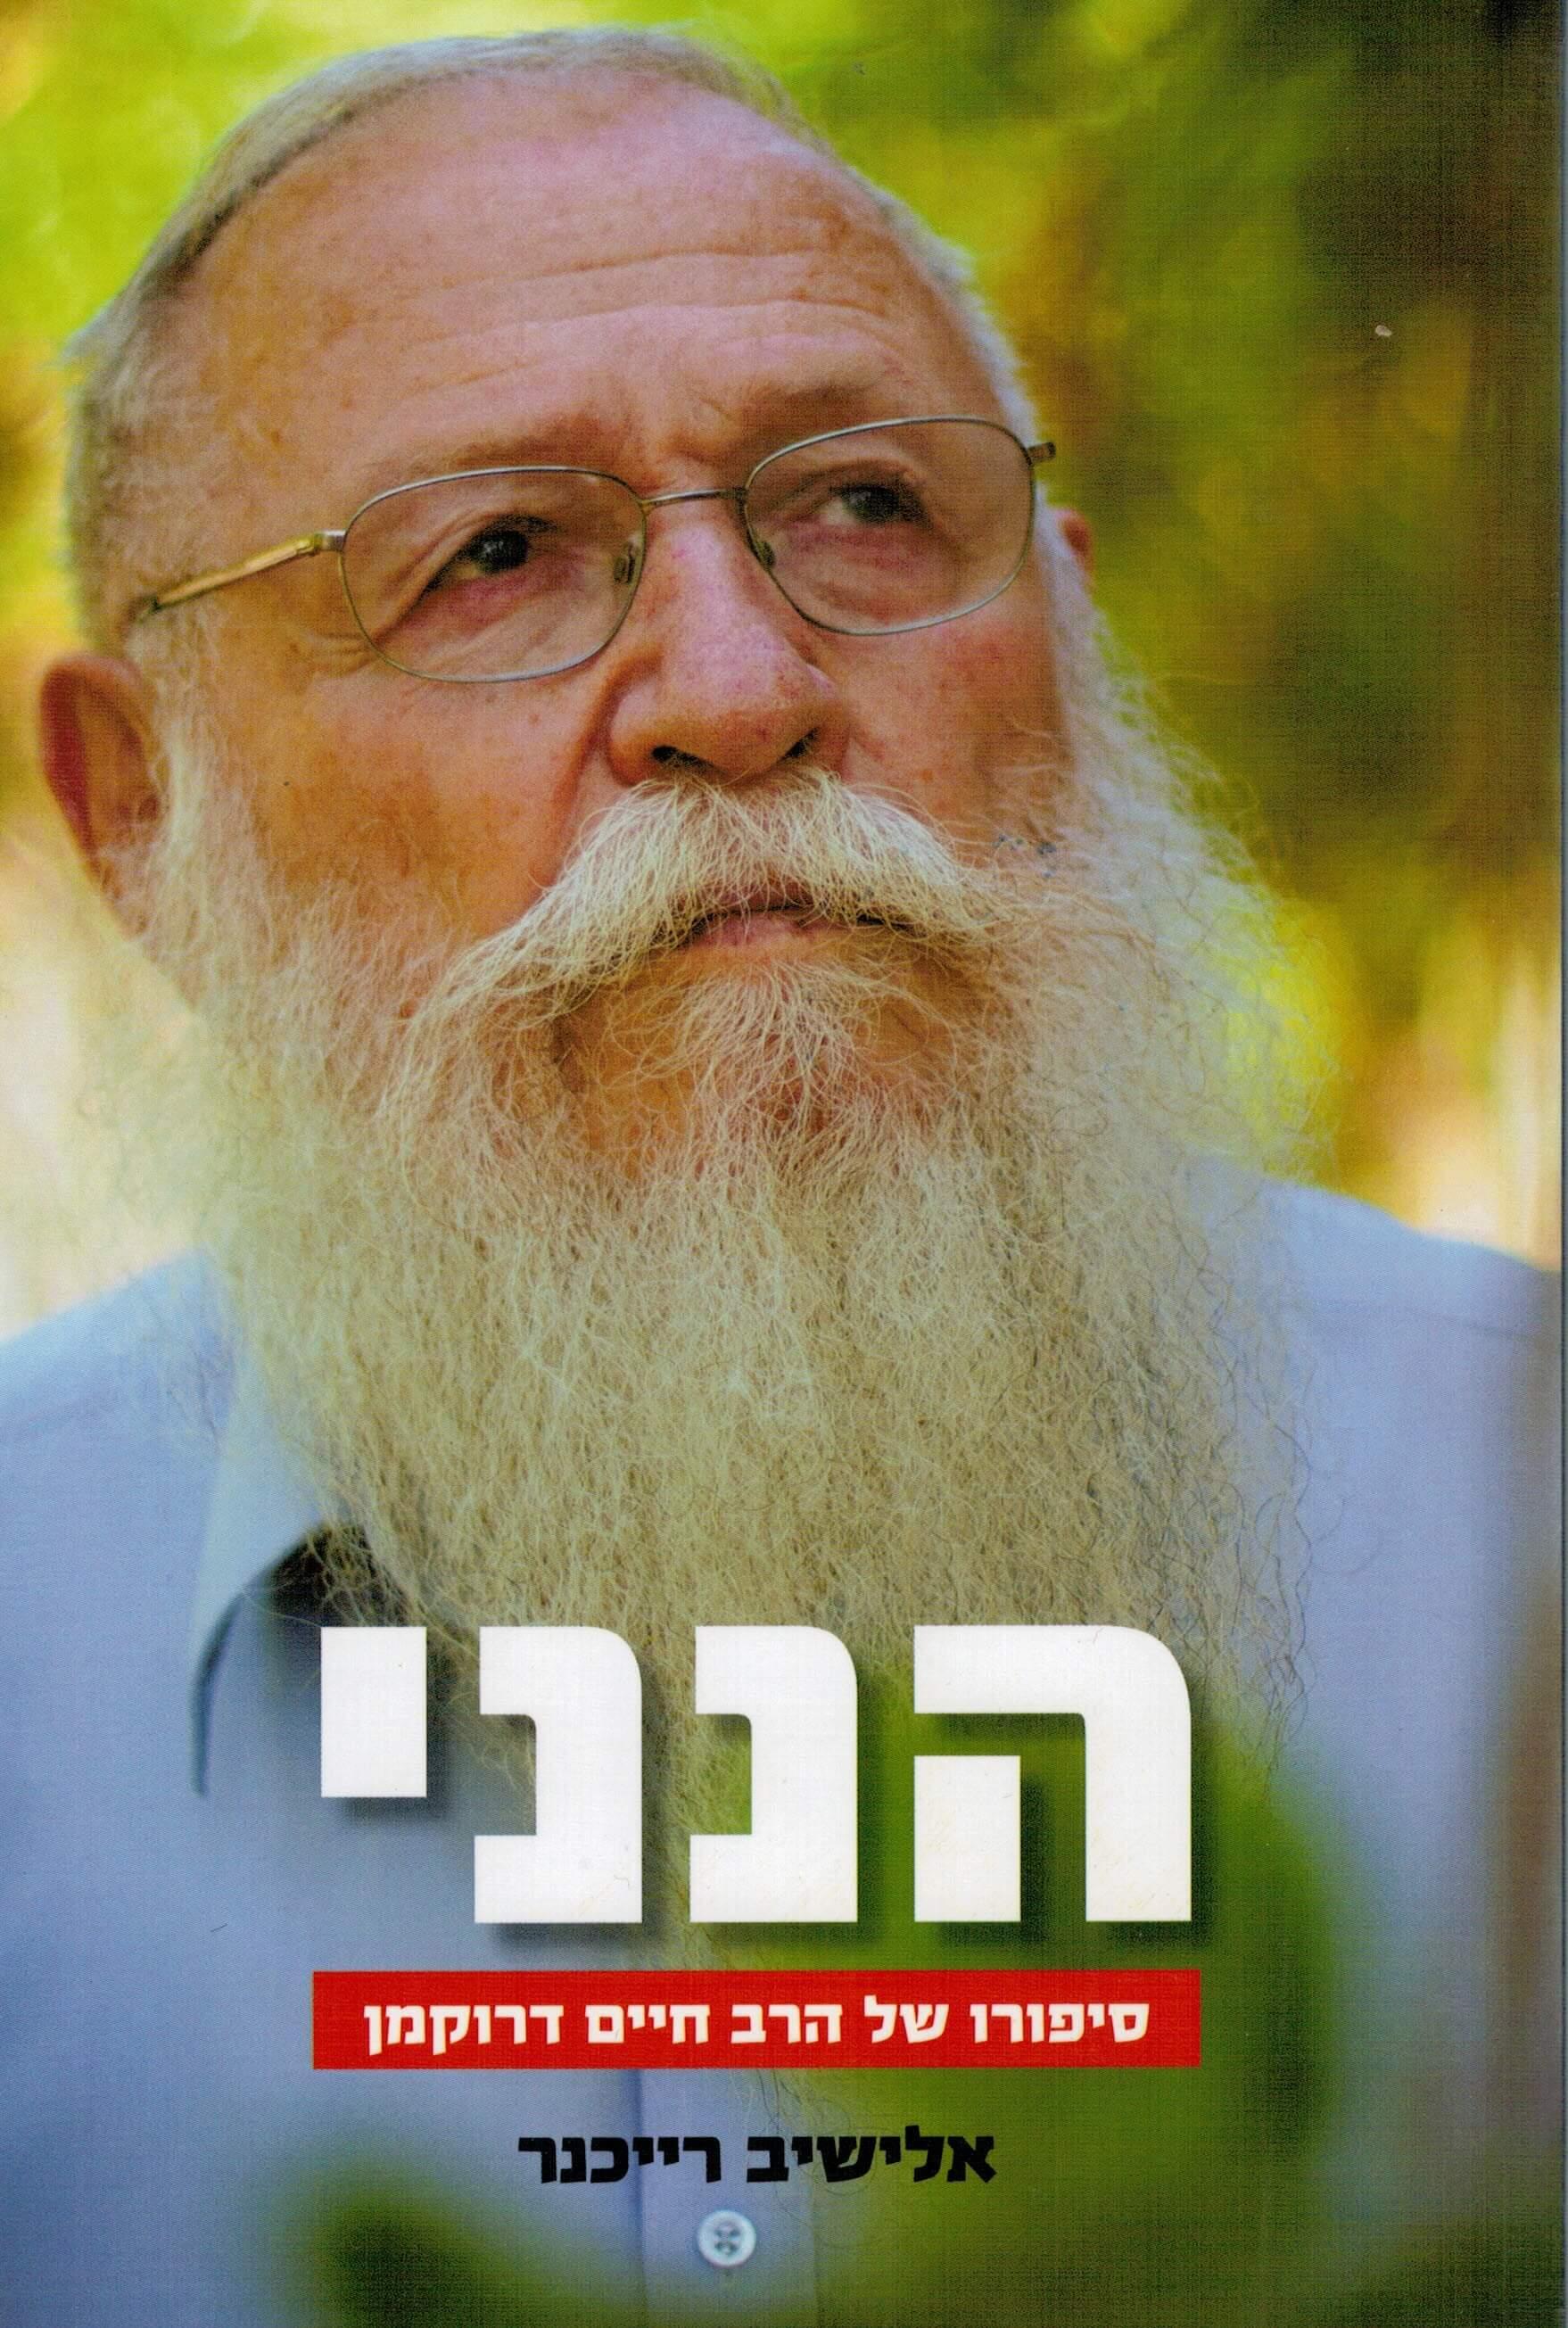 הנני- סיפורו של הרב חיים דרוקמן | אליישיב רייכנר